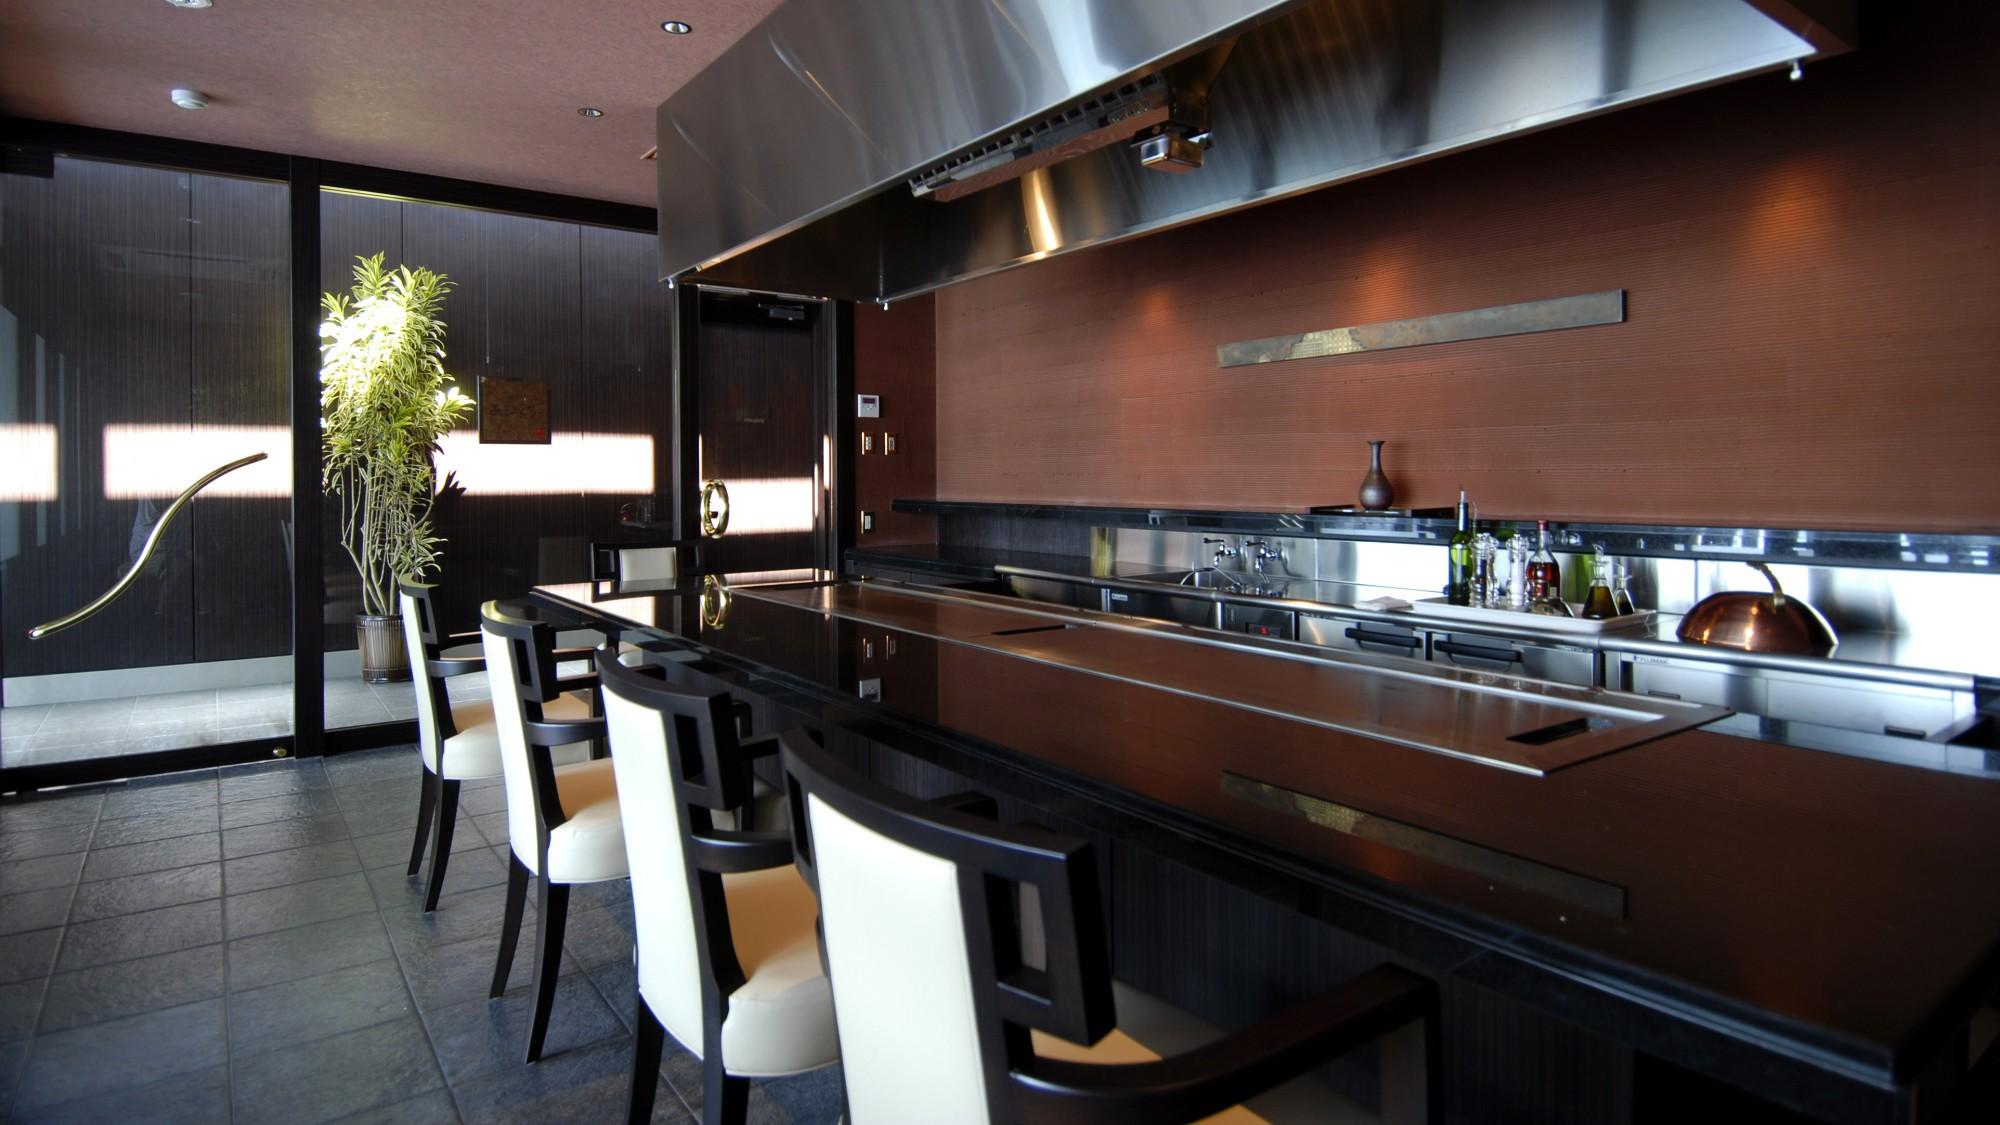 鮨・フレンチ・鉄板焼きの3ジャンルのお食事からお選び頂けます。